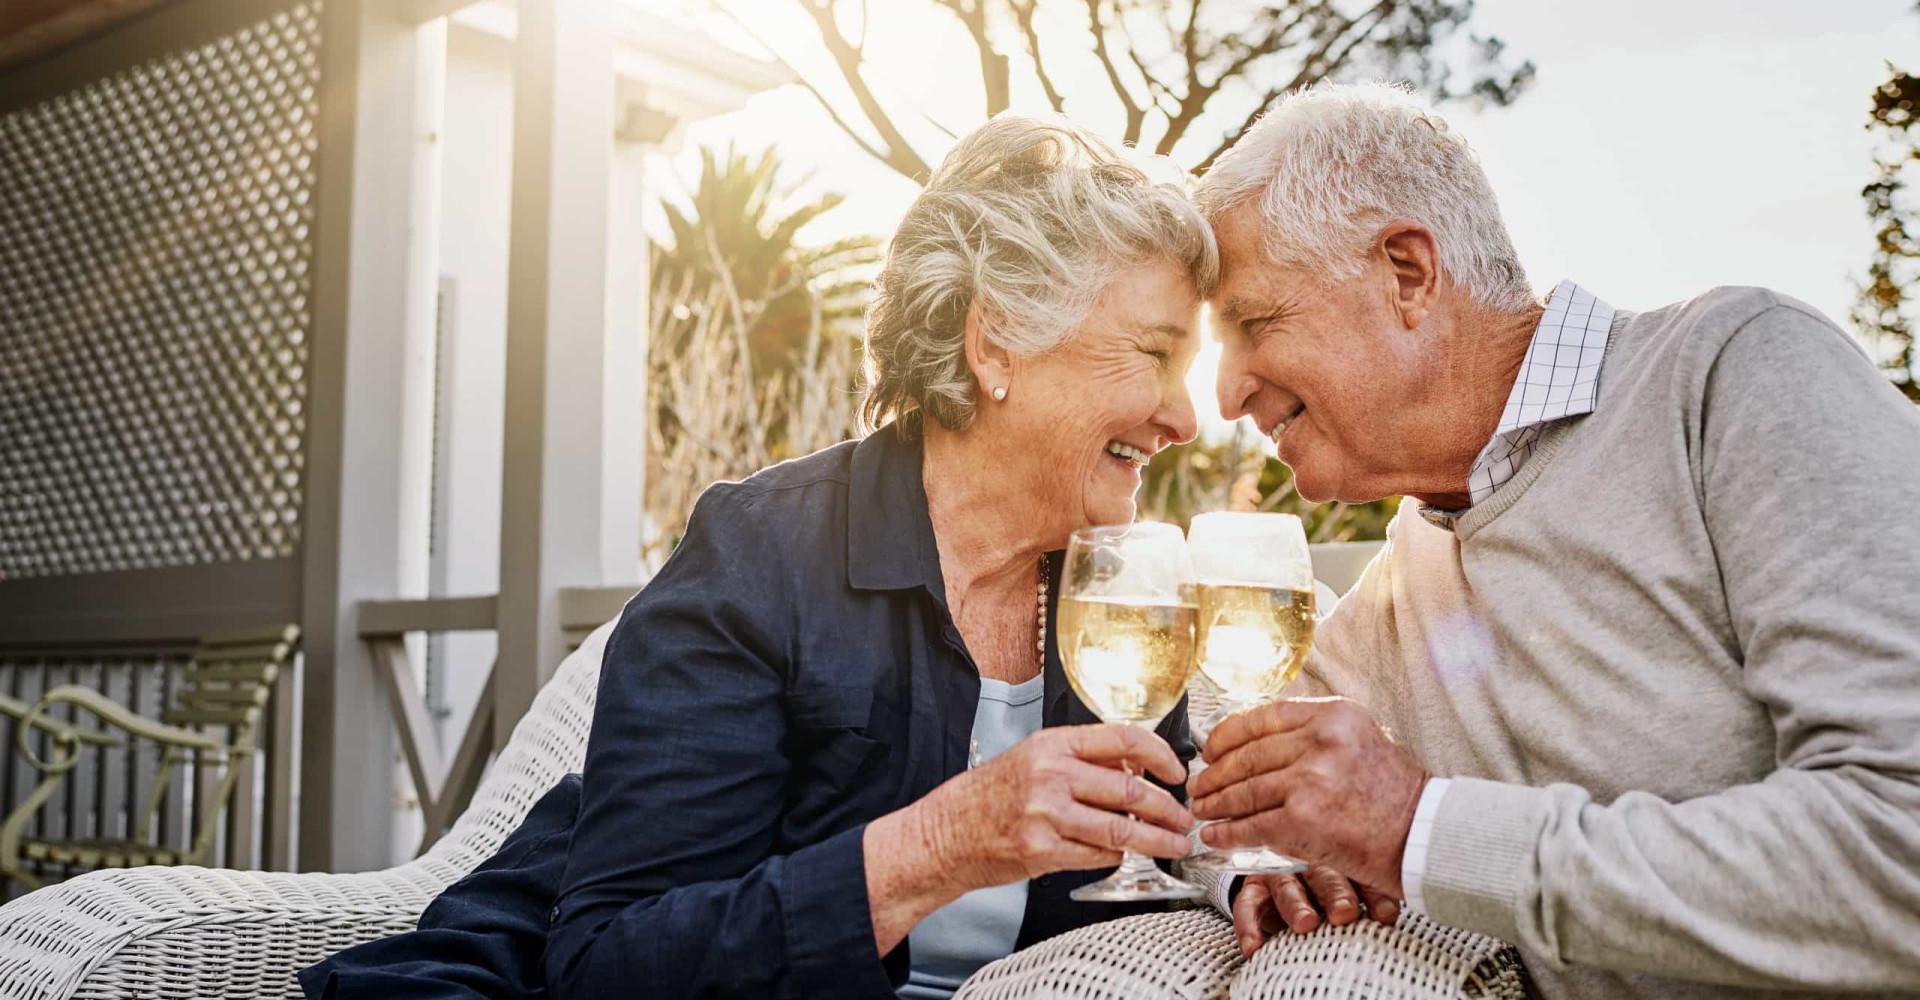 Bewezen: Samen drinken goed voor de relatie!